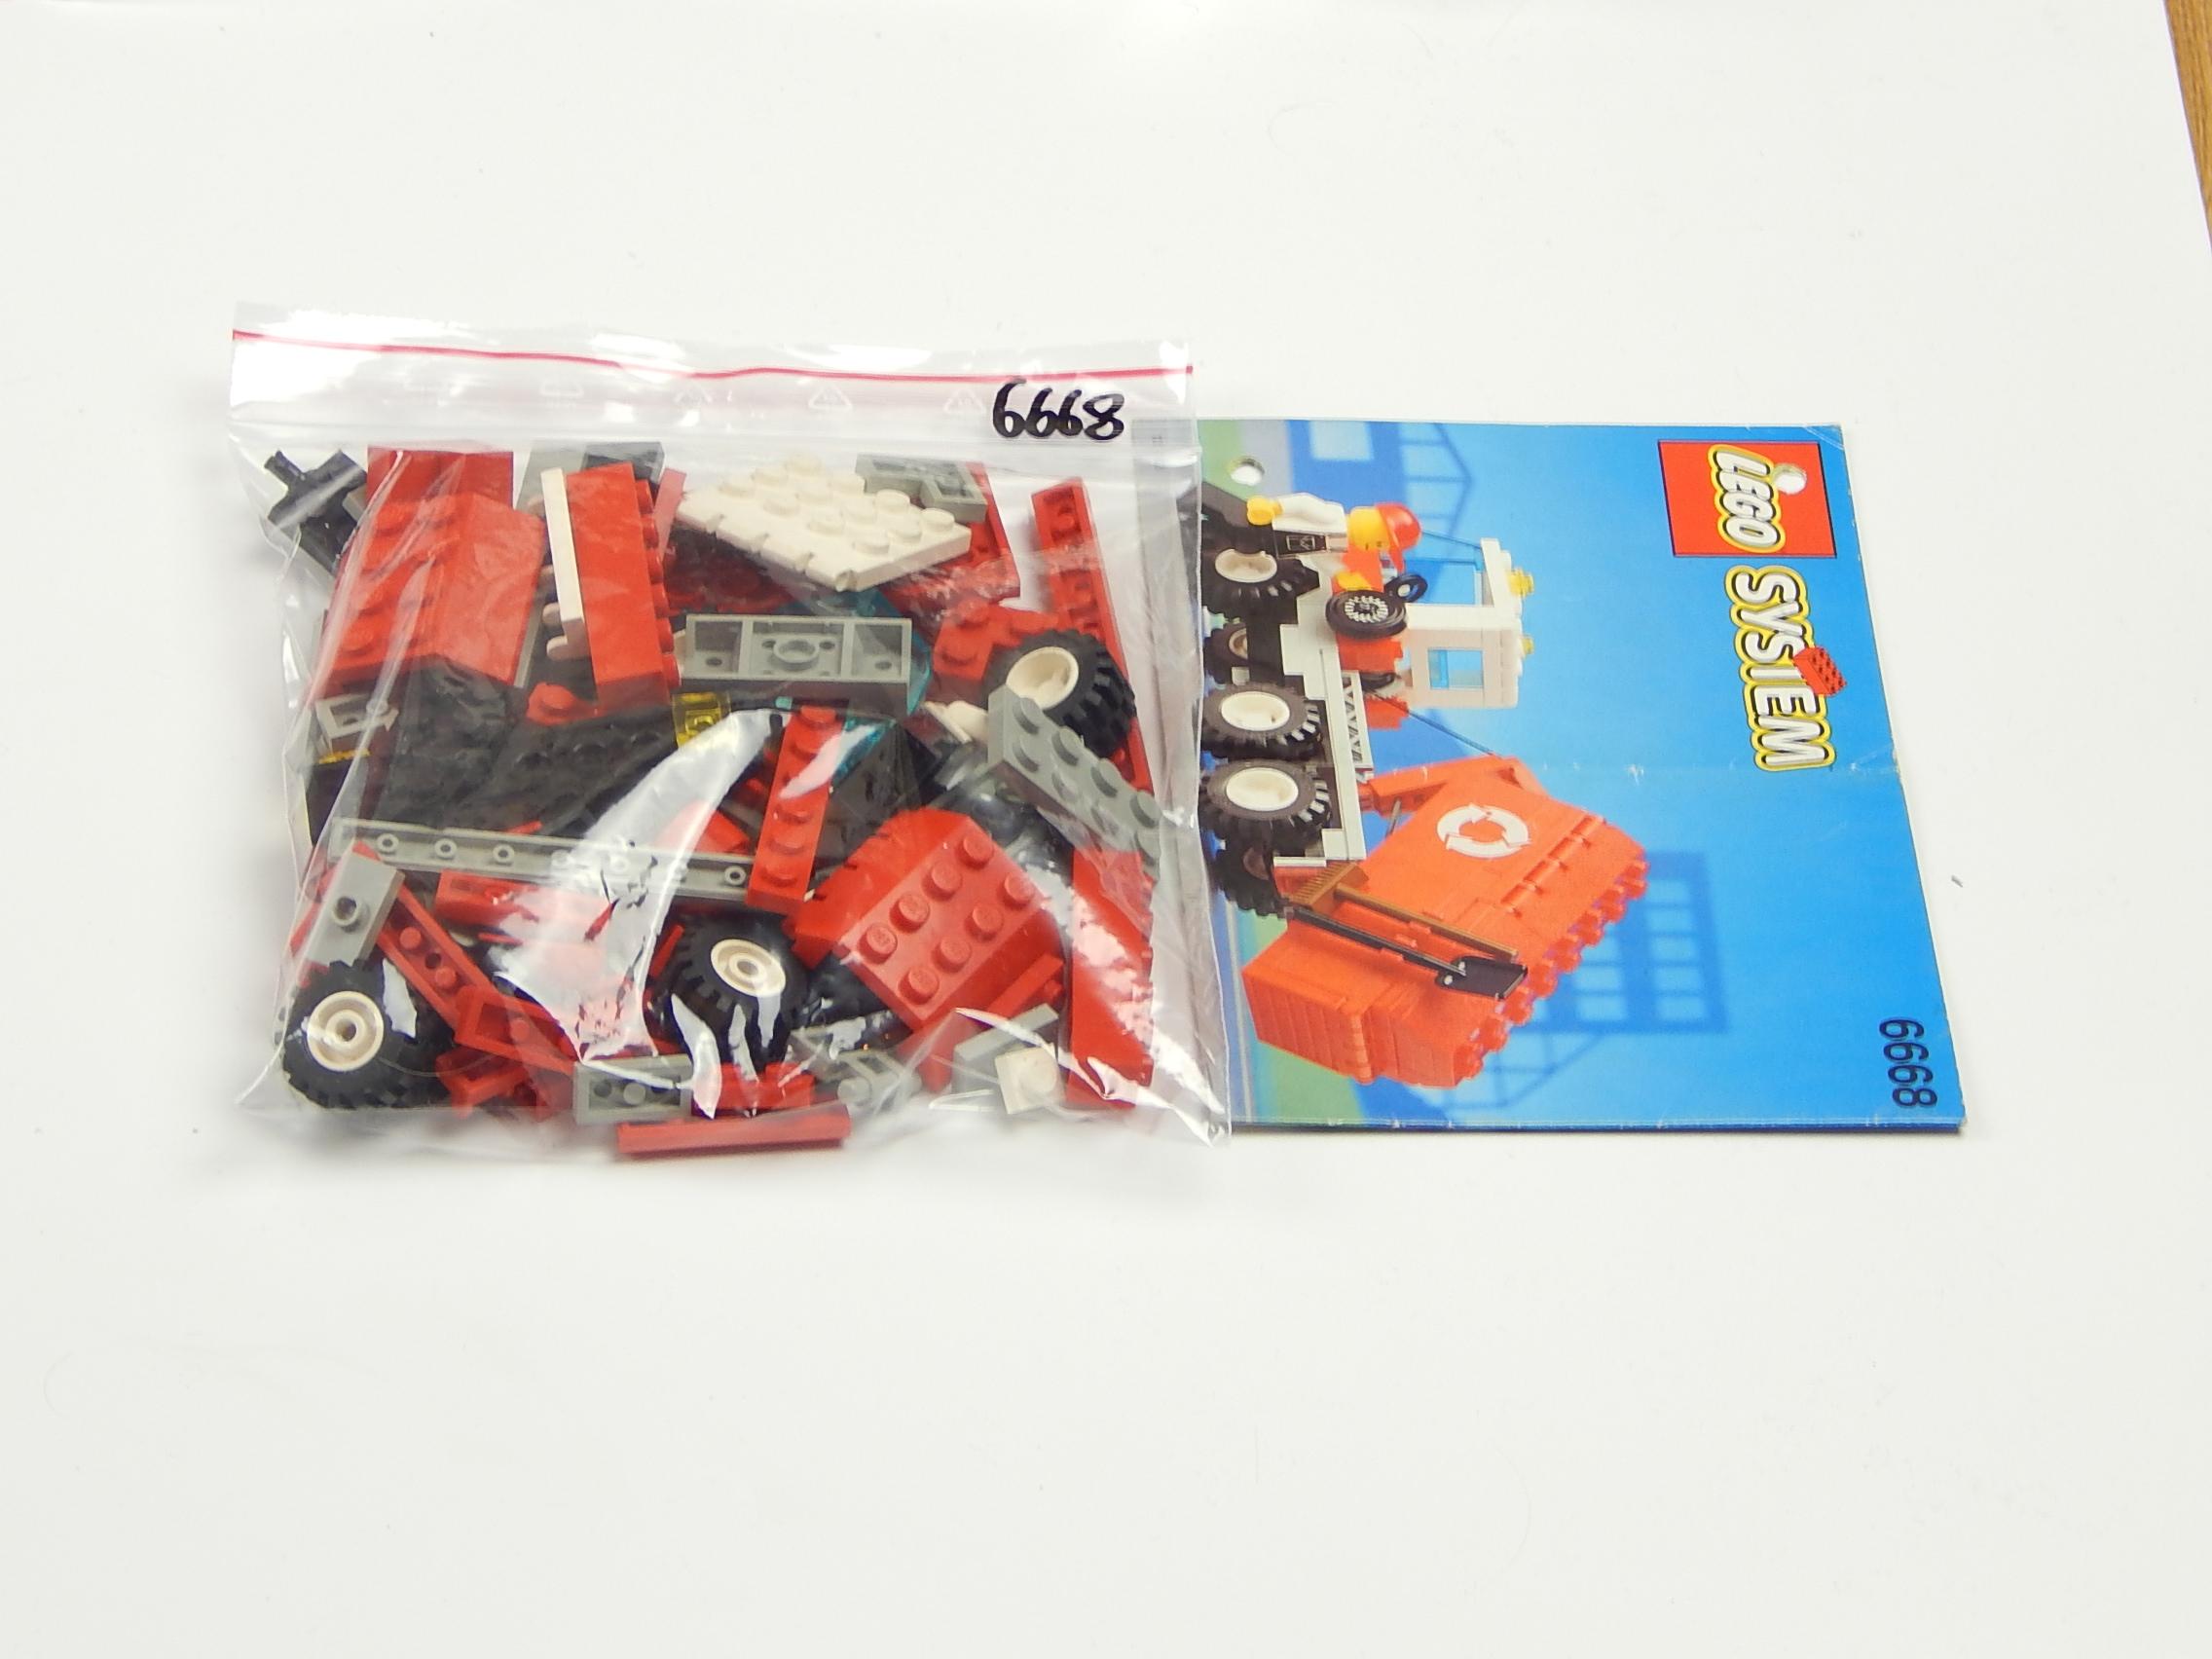 Lego Set 6668 śmieciarka System Z Instrukcja 7362323842